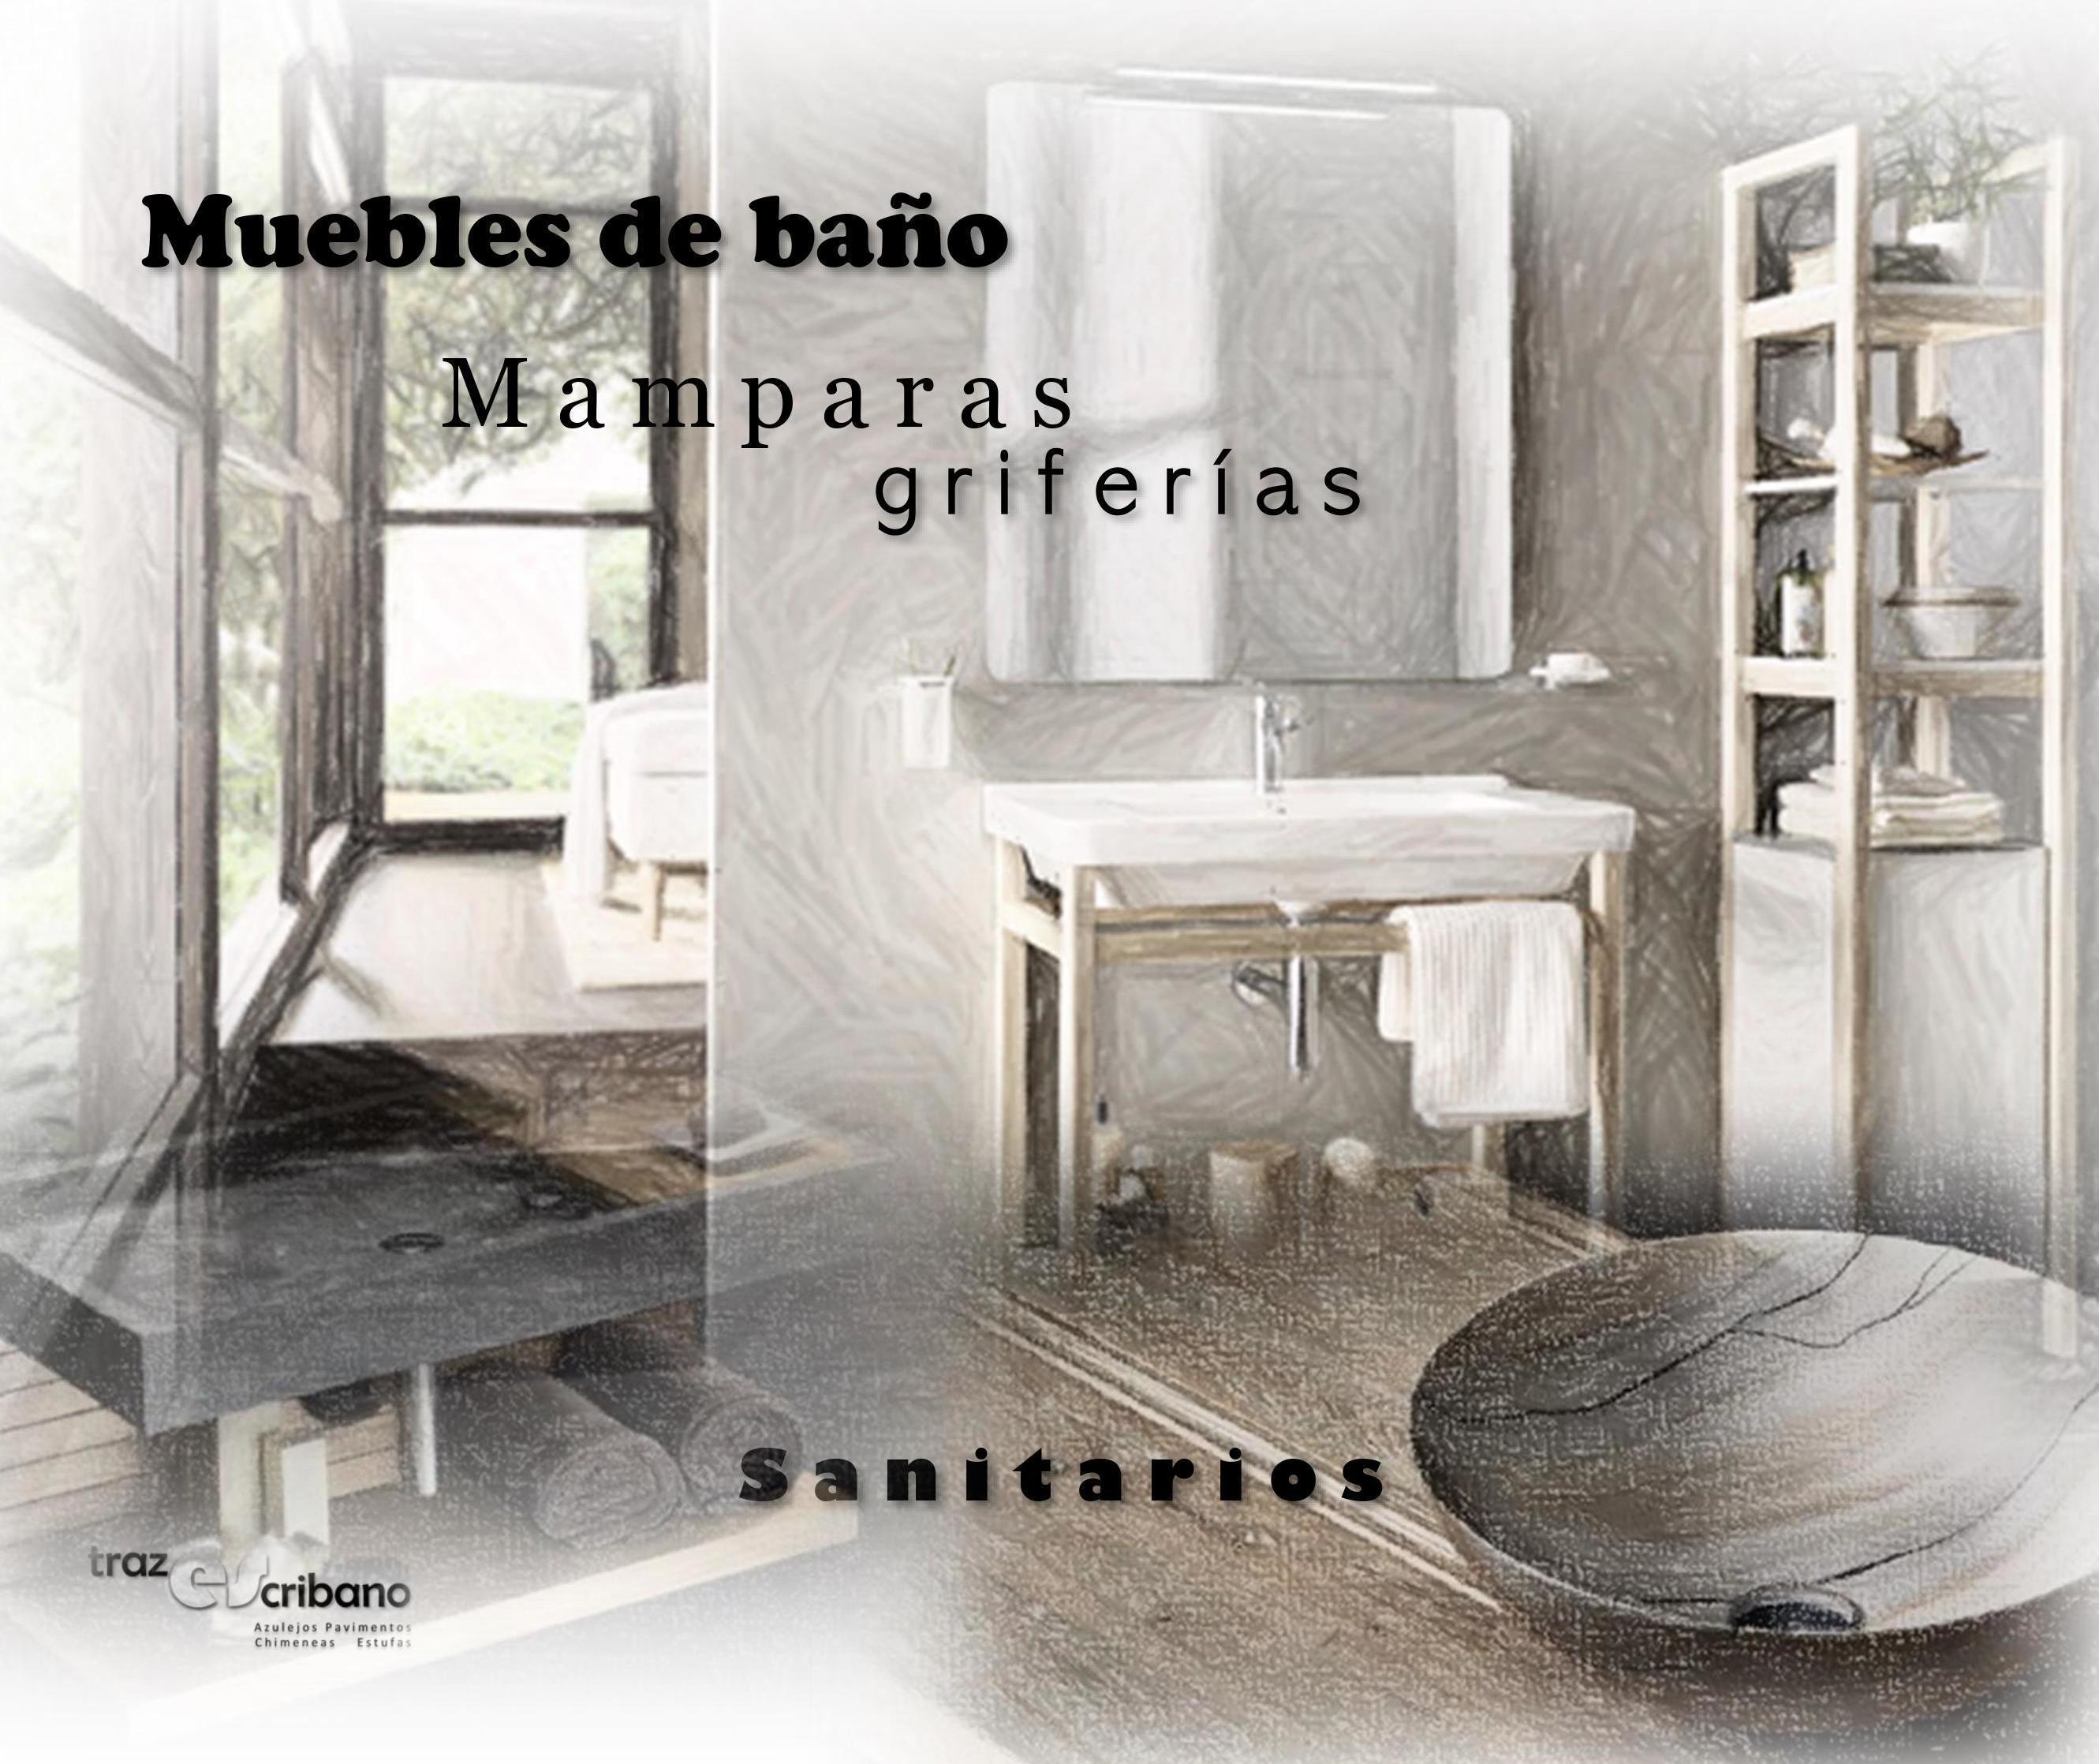 Muebles de baño, sanitarios y grifería: Productos de Trazes